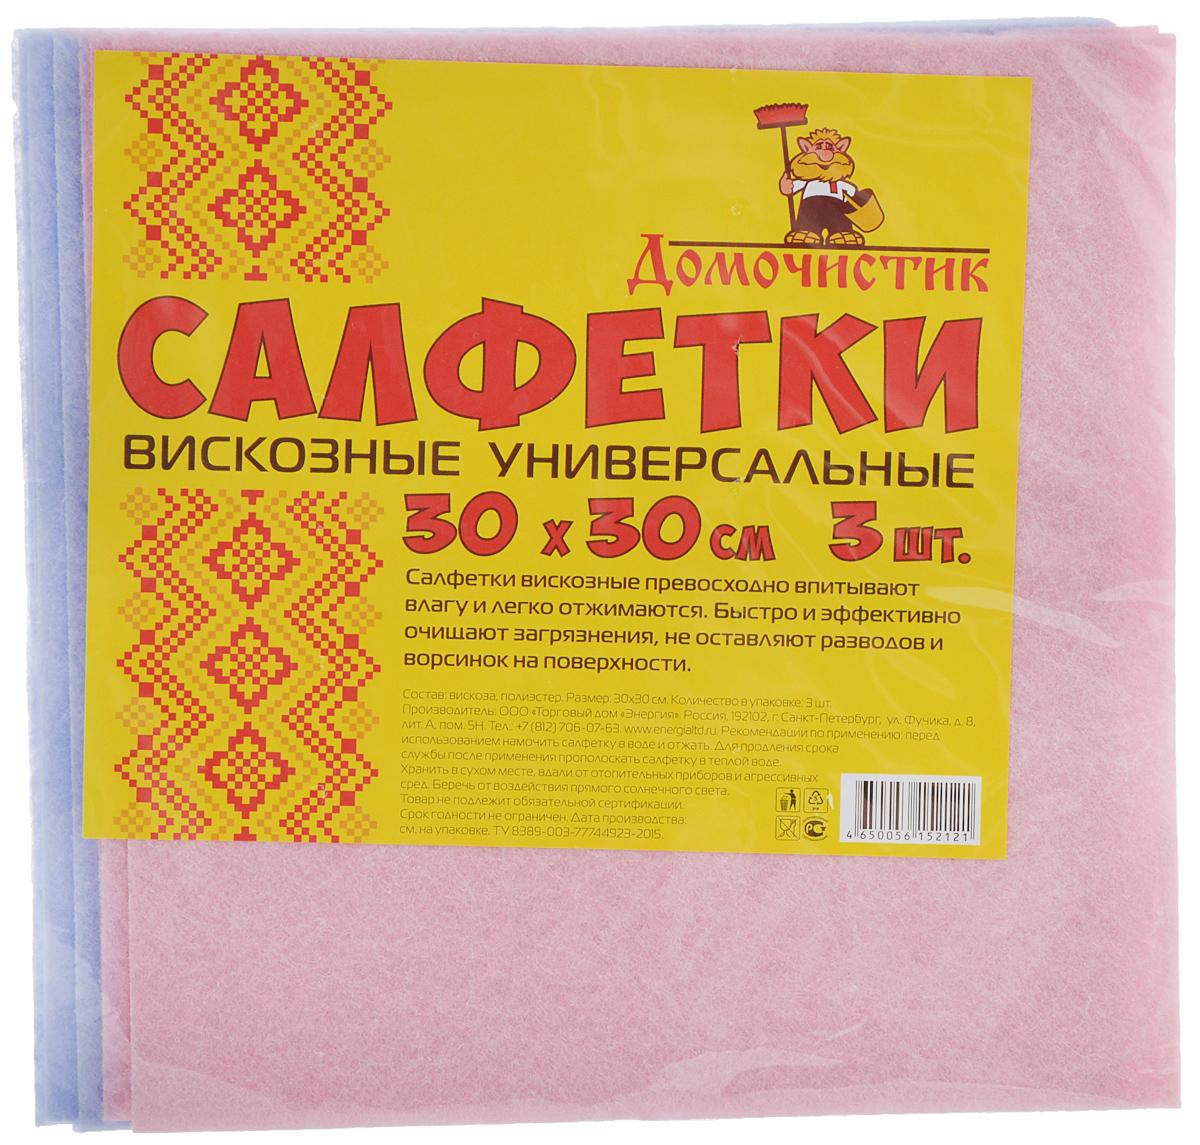 Салфетка для уборки Домочистик из вискозы, универсальная, цвет: розовый, голубой, 30 x 30 см, 3 шт салфетки для уборки top gear салфетка для уборки